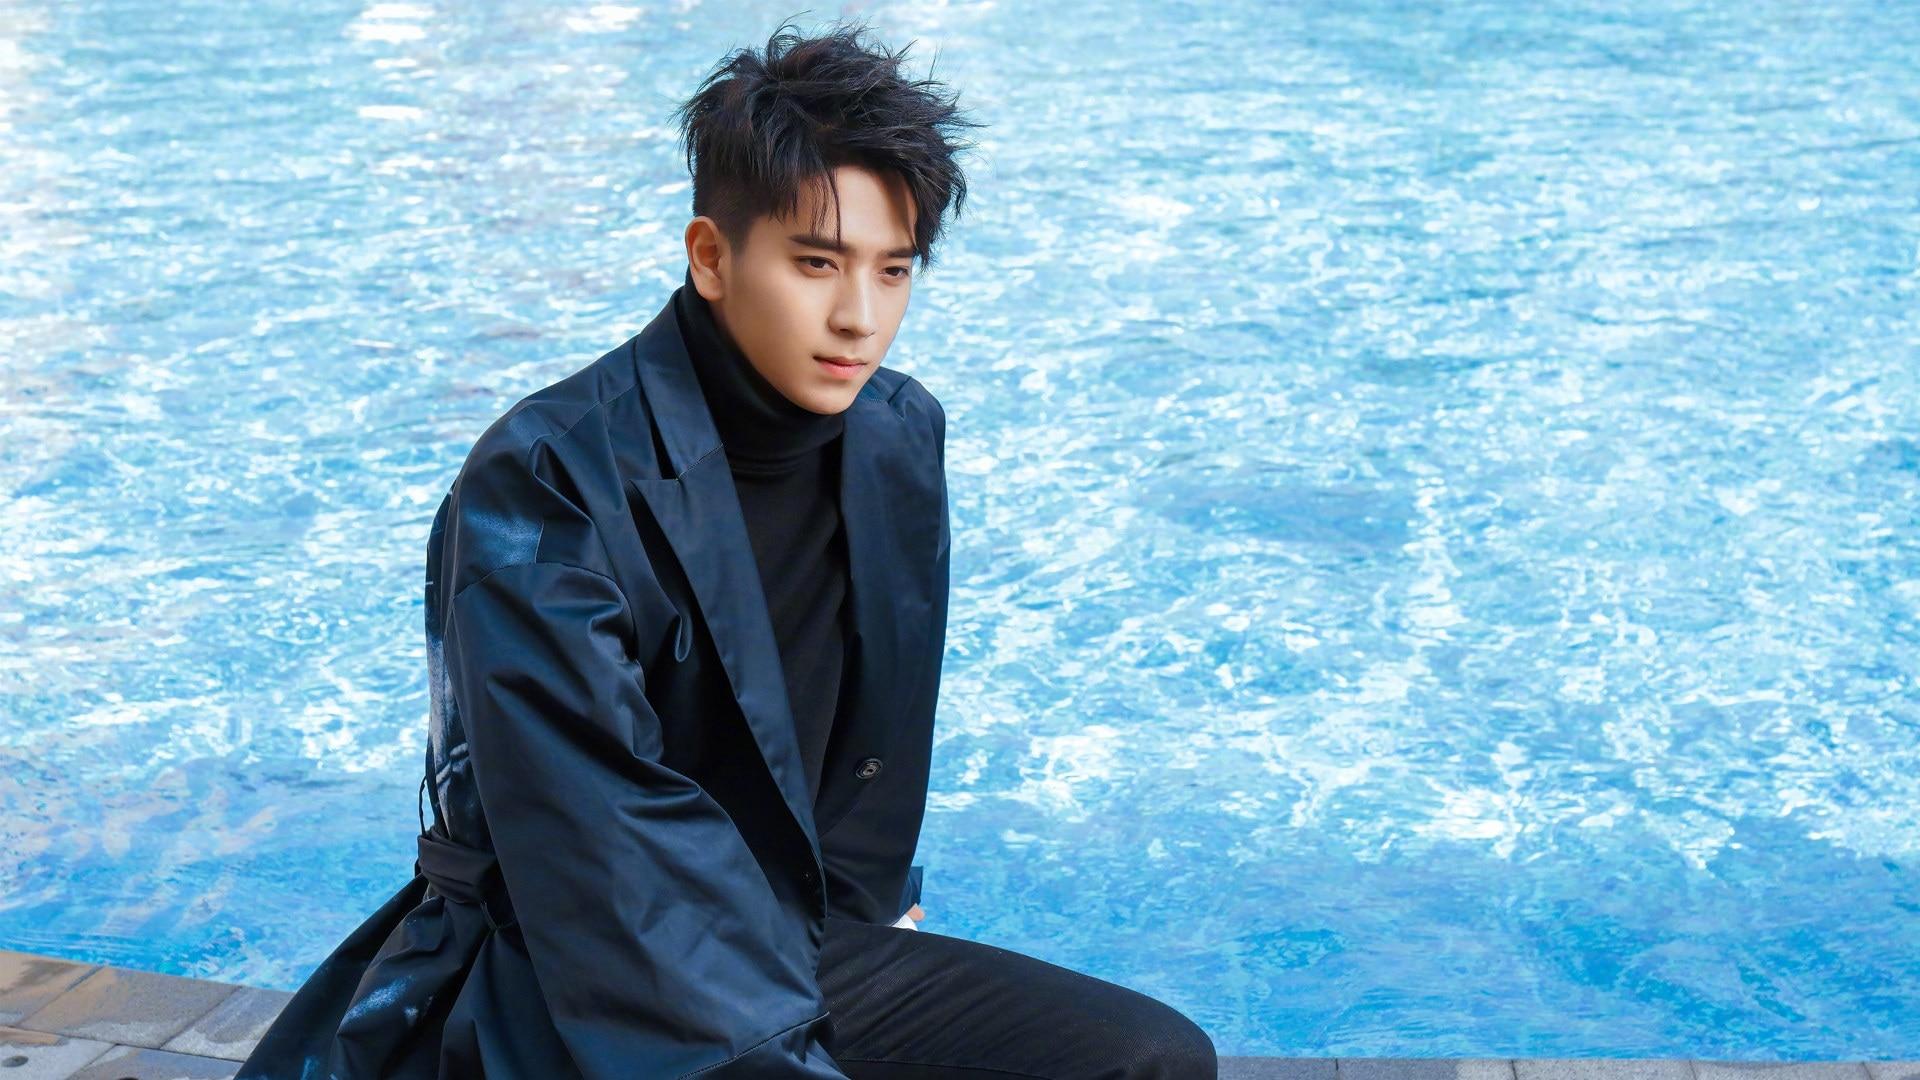 帅哥青年演员陈若轩,我不认识啊!